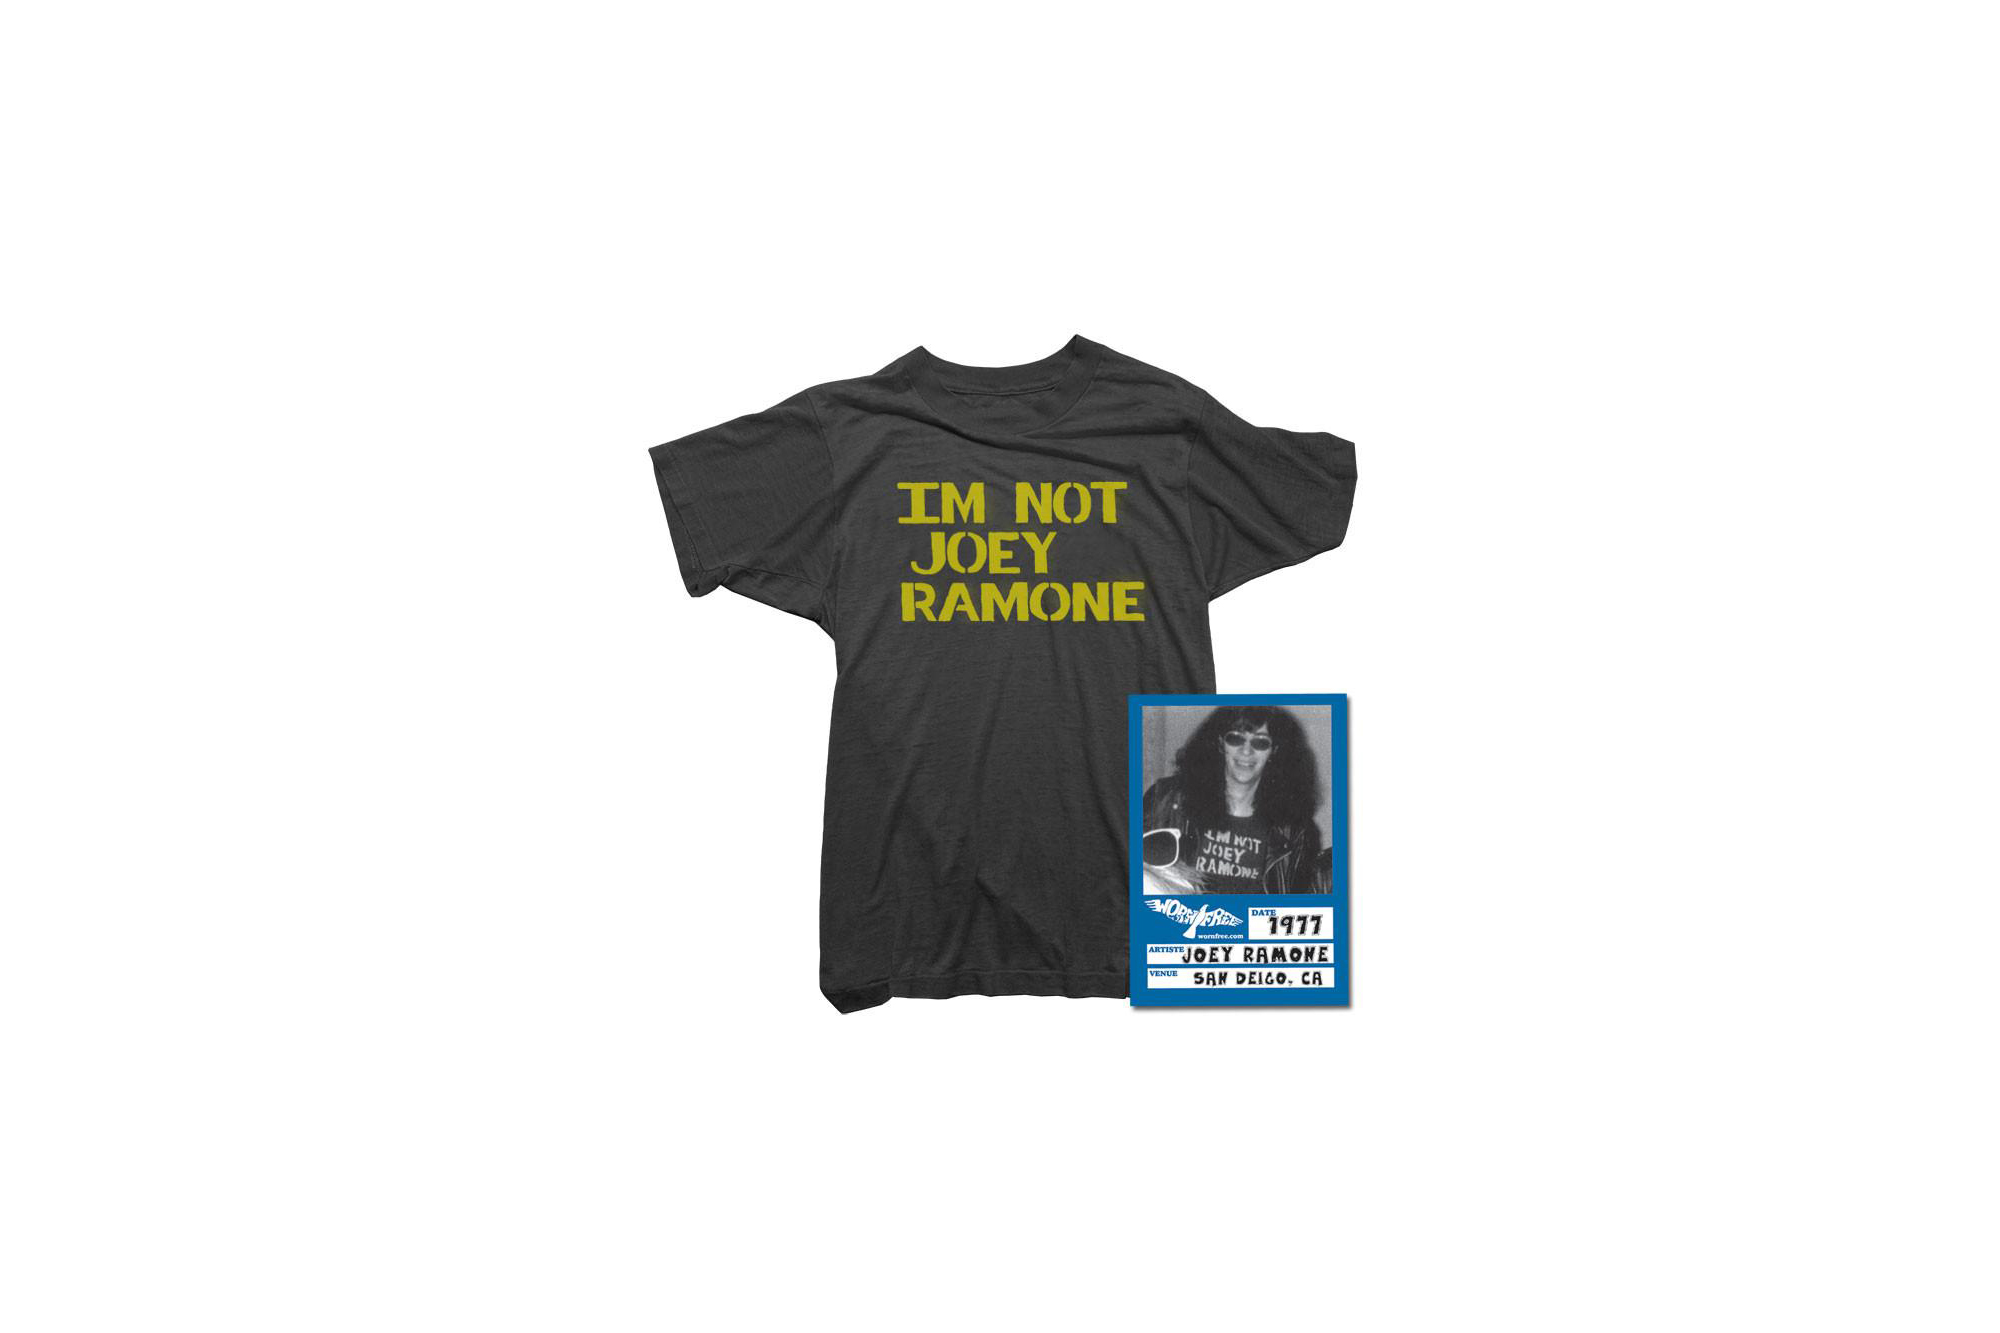 WORN FREE(ウォーンフリー) IM NOT JOEY RAMONE RAMONES(ジョーイ・ラモーン ラモーンズ) 1977 SAN DEIGO.CA プリントTシャツ バンドTシャツ ロックTシャツ BLACK(ブラック) 2018春夏 wornfree ウォーンフリー 愛知 名古屋 ZODIAC ゾディアック ramonesラモーンズ ラモンズ bandtee rocktee